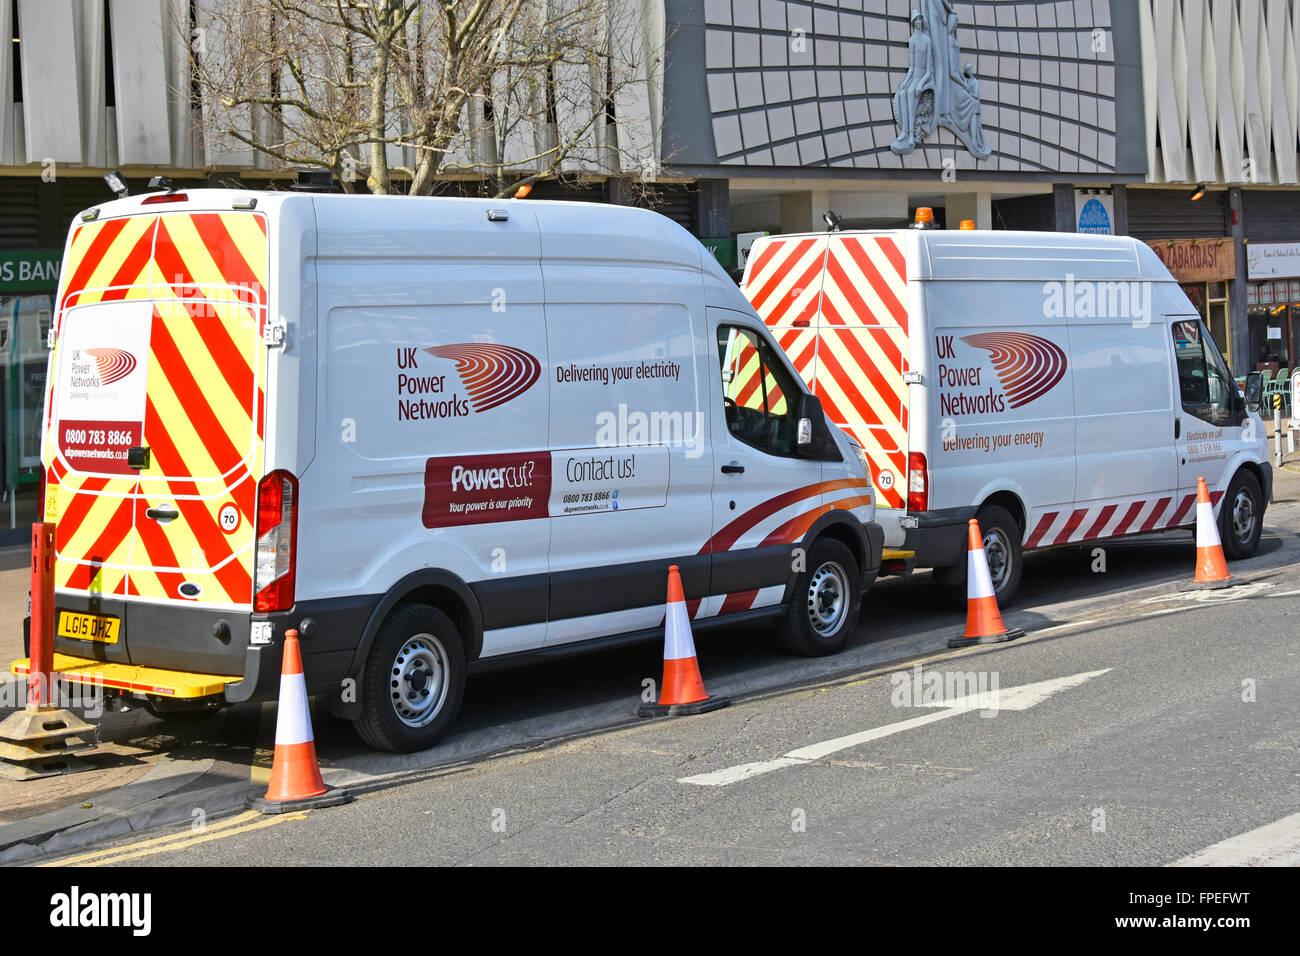 Zwei UK Power Networks vans geparkt während Straße arbeiten an unterirdischen Stromlieferungen wird in Stockbild